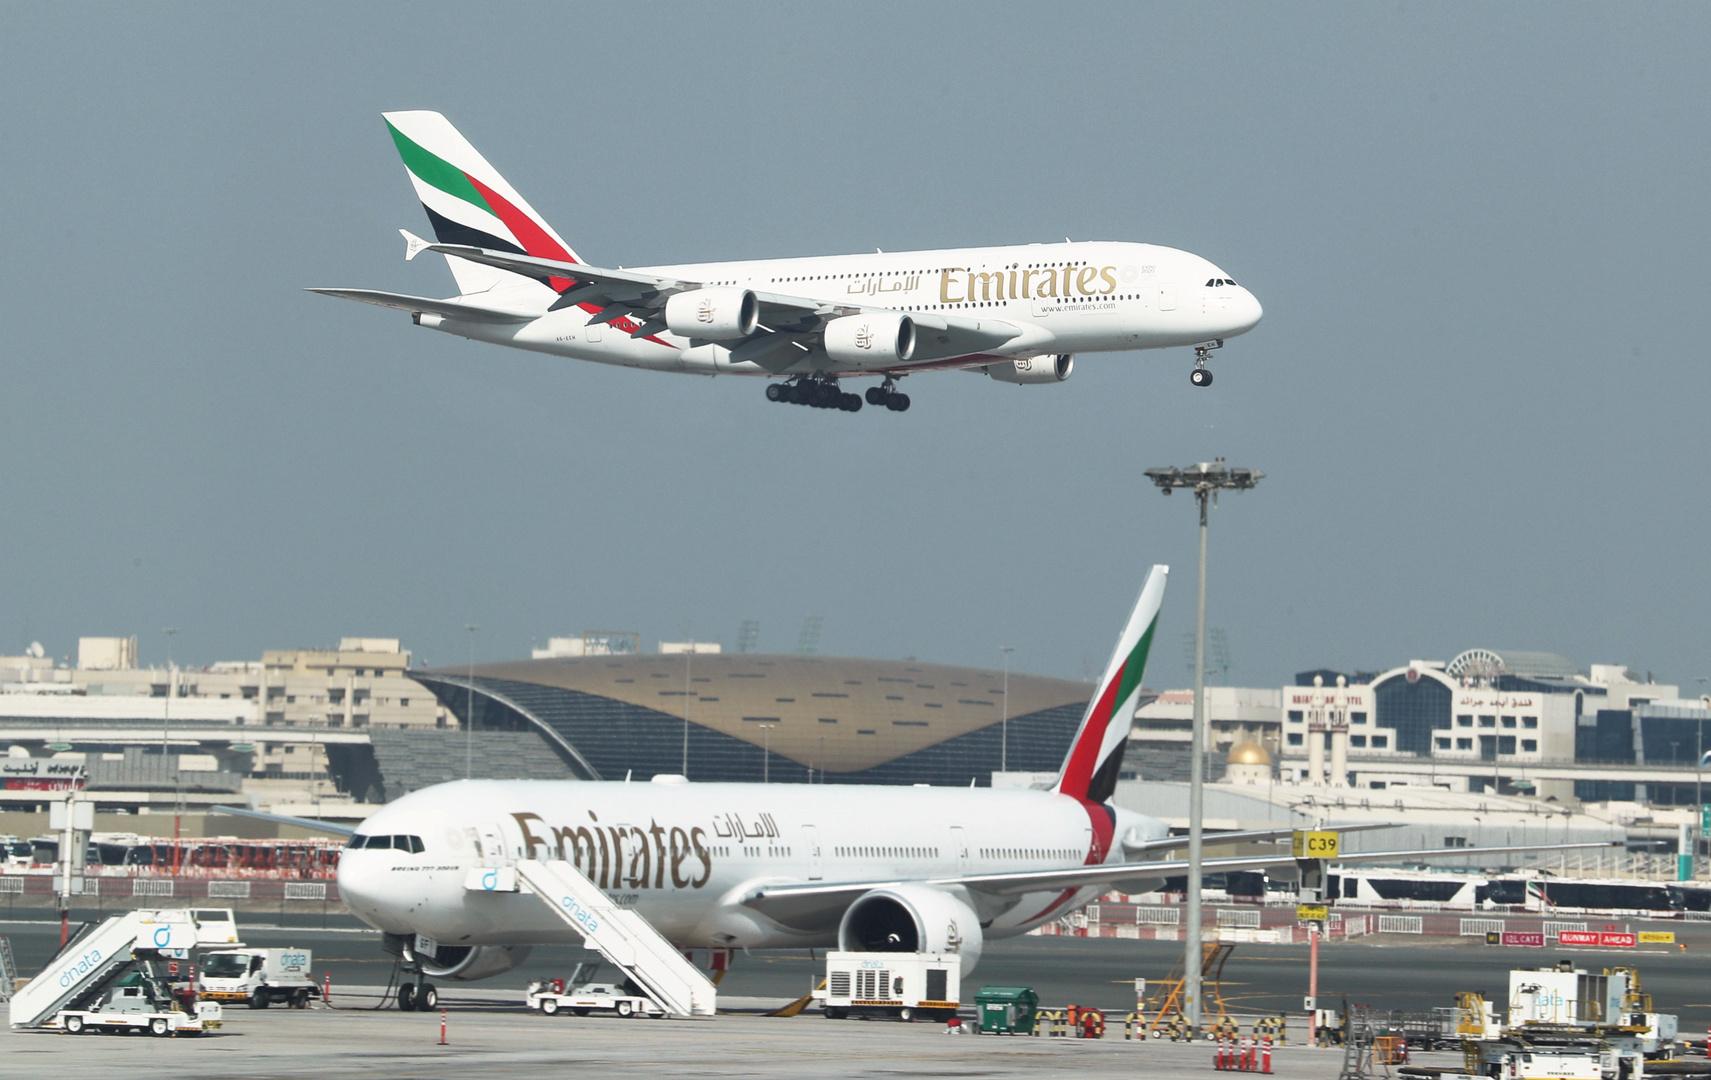 الإمارات تعلن استئناف رحلات الترانزيت